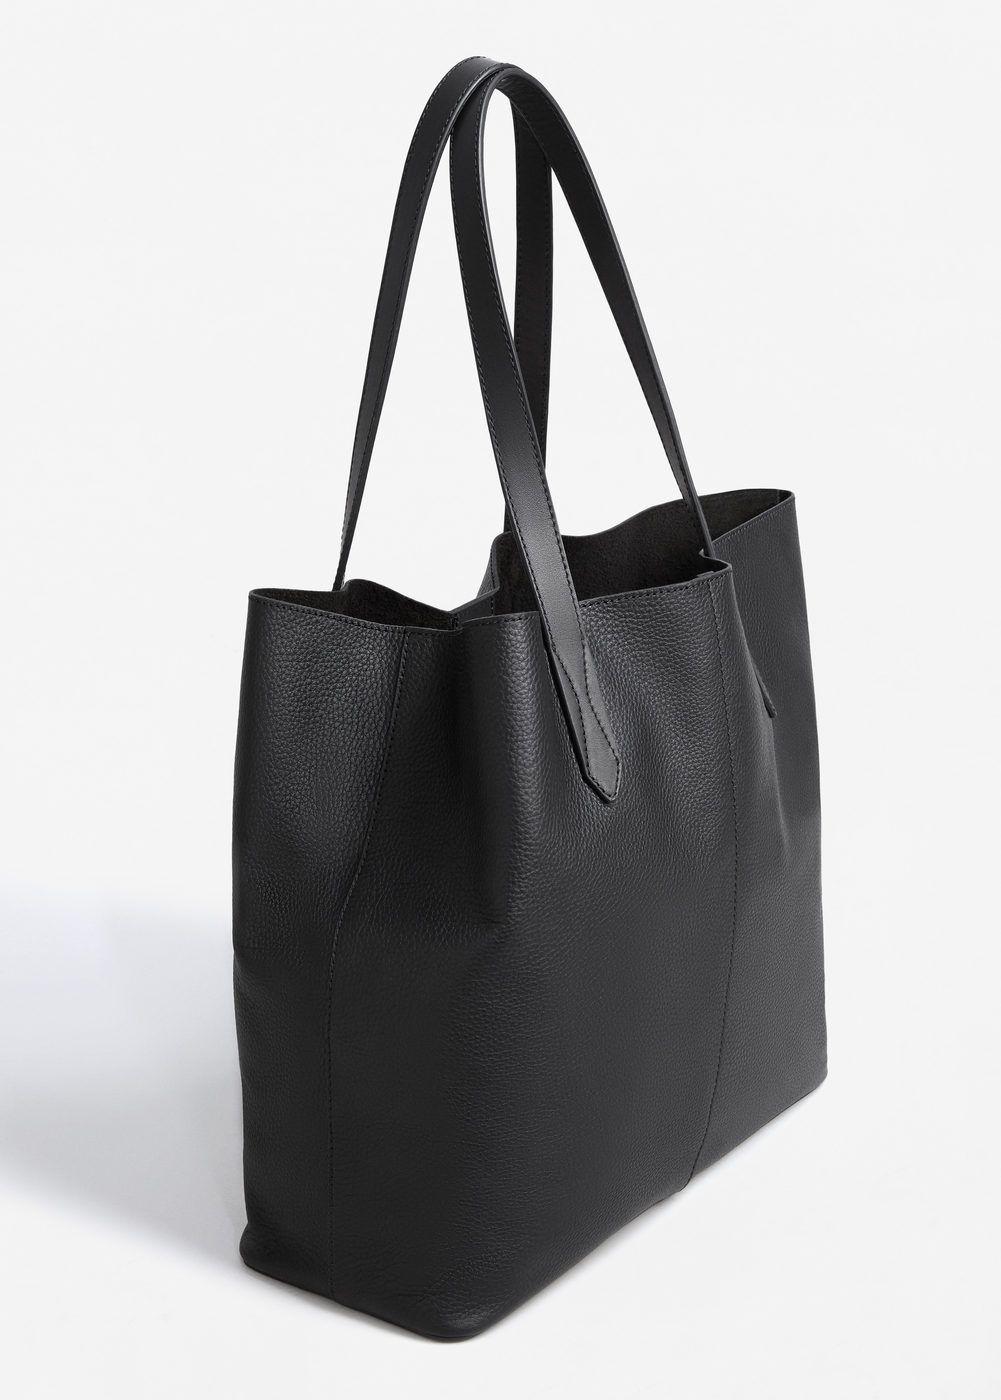 51ff6d264fc5b Skórzana torba shopper - Kobieta w 2019 | Chcę to | Cloth bags ...